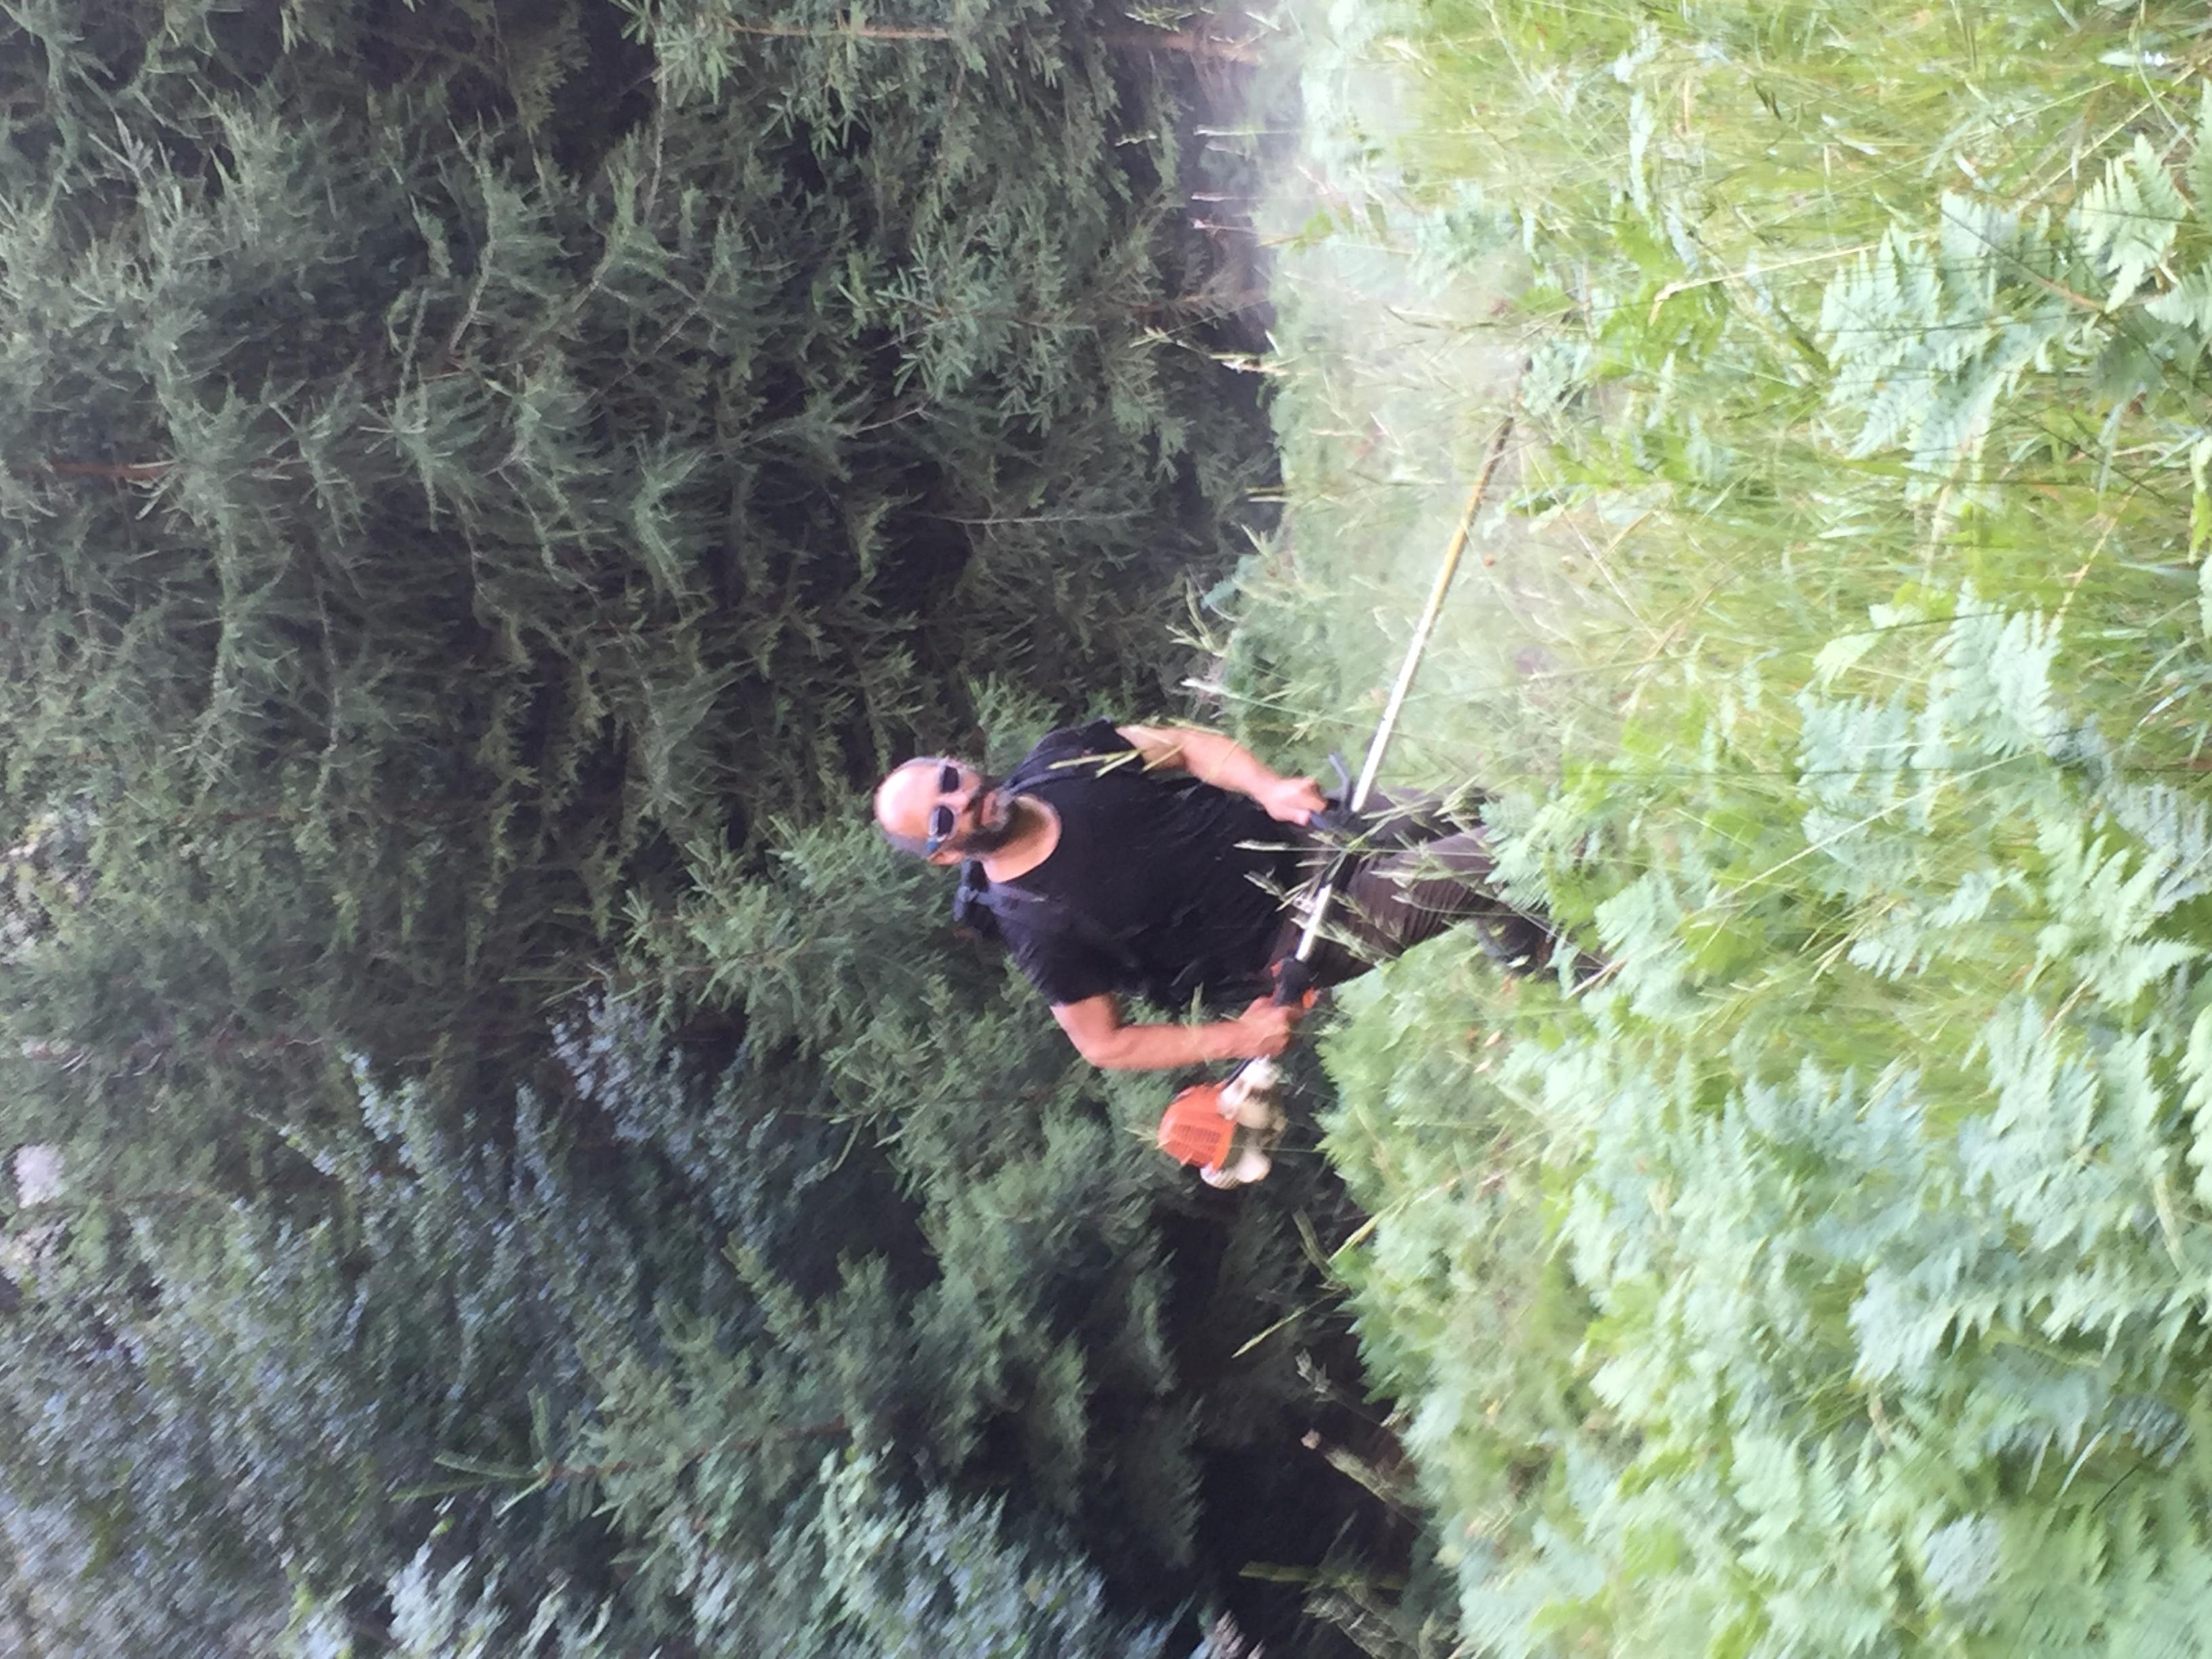 HEGETAGE Hubertus 018-07-14 08.10.32